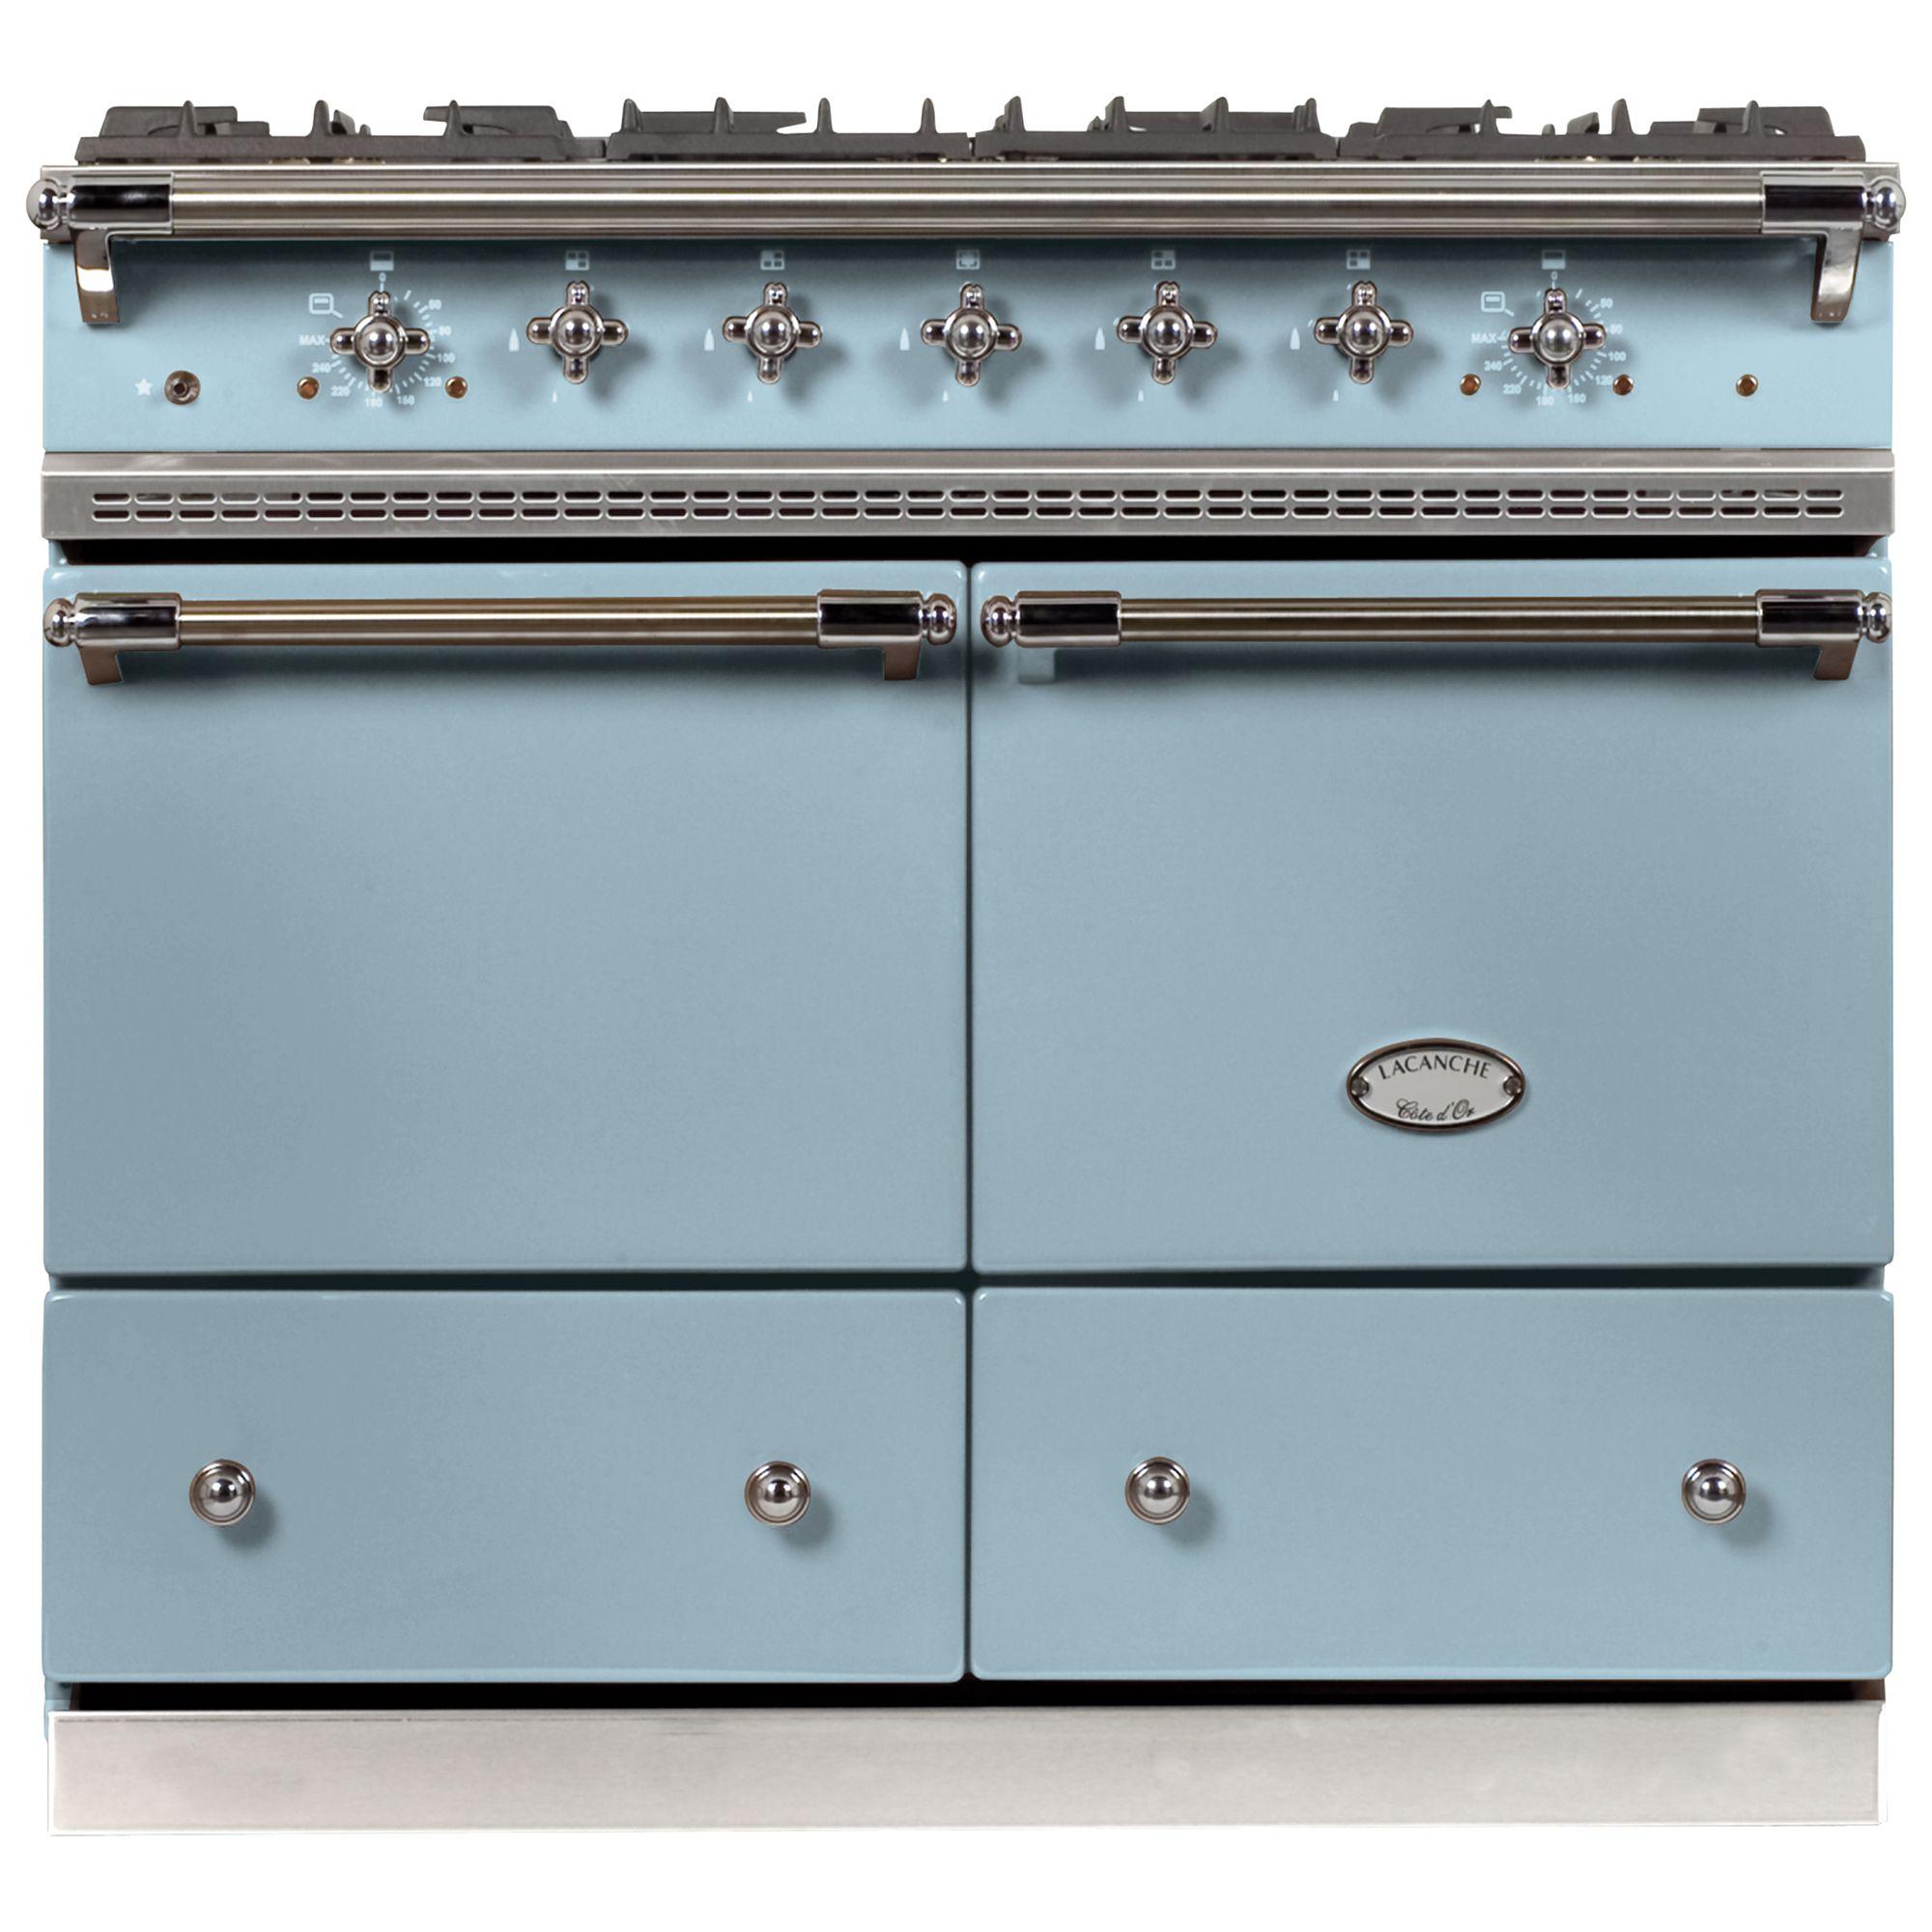 Lacanche Cluny LG1052GCT Dual Fuel Range Cooker, Delft Blue / Chrome Trim at John Lewis